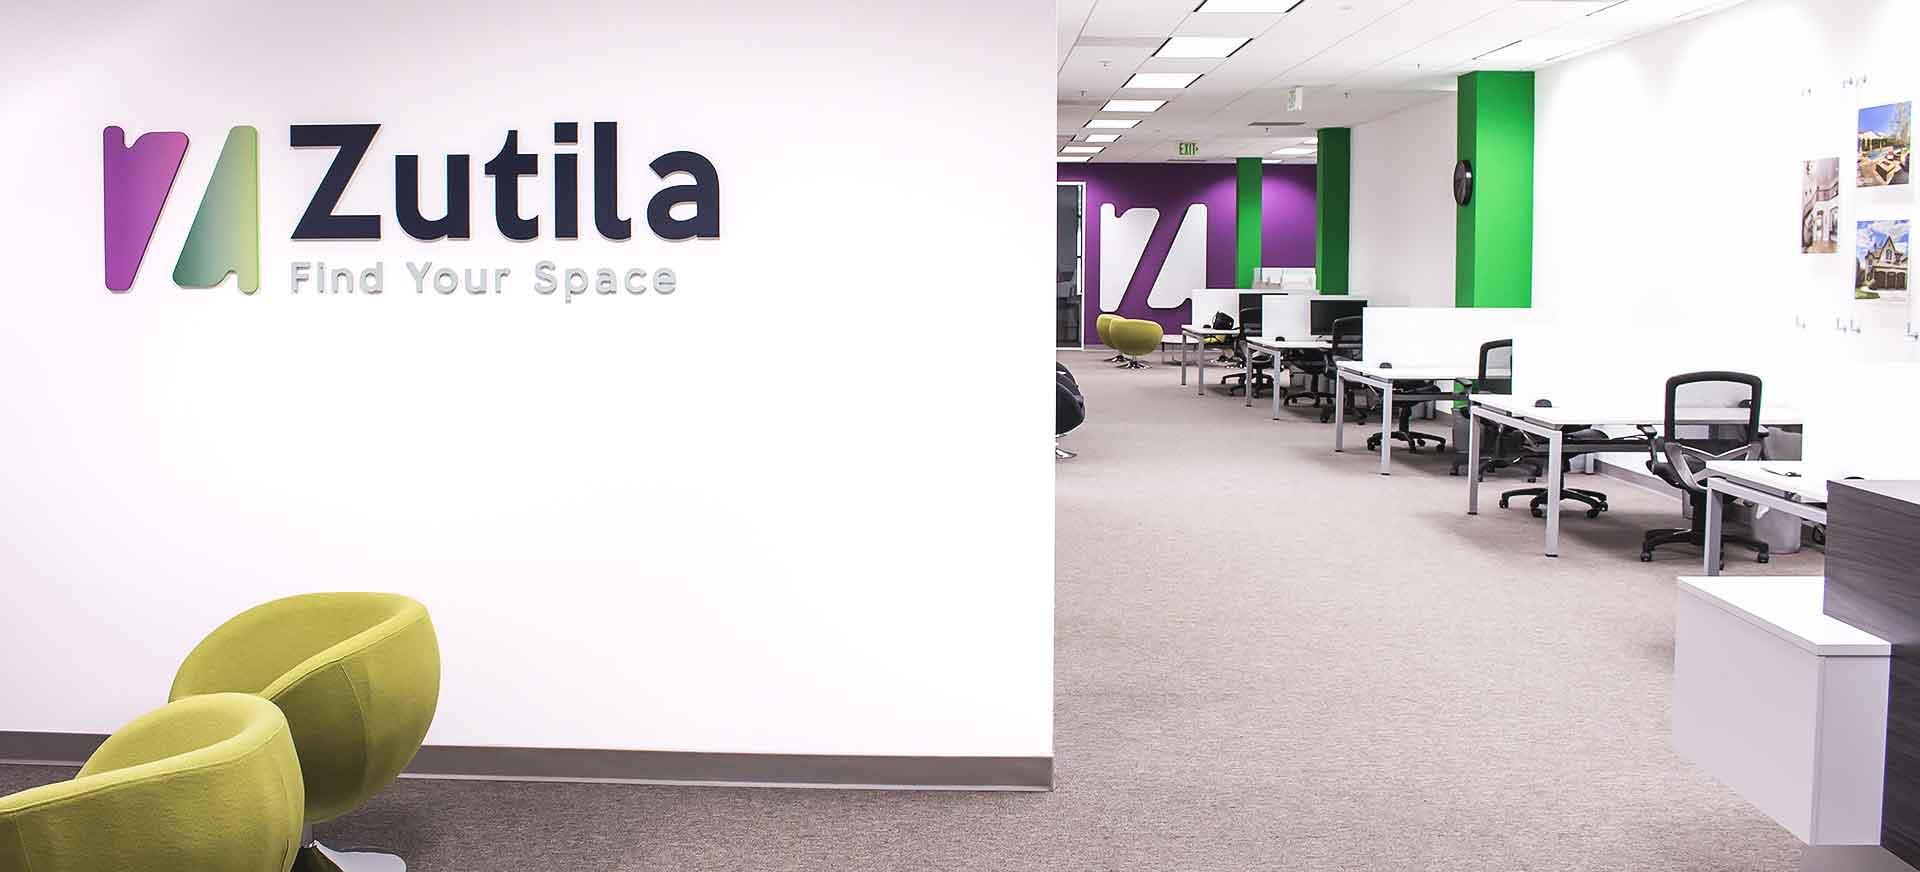 Zutila Office Space